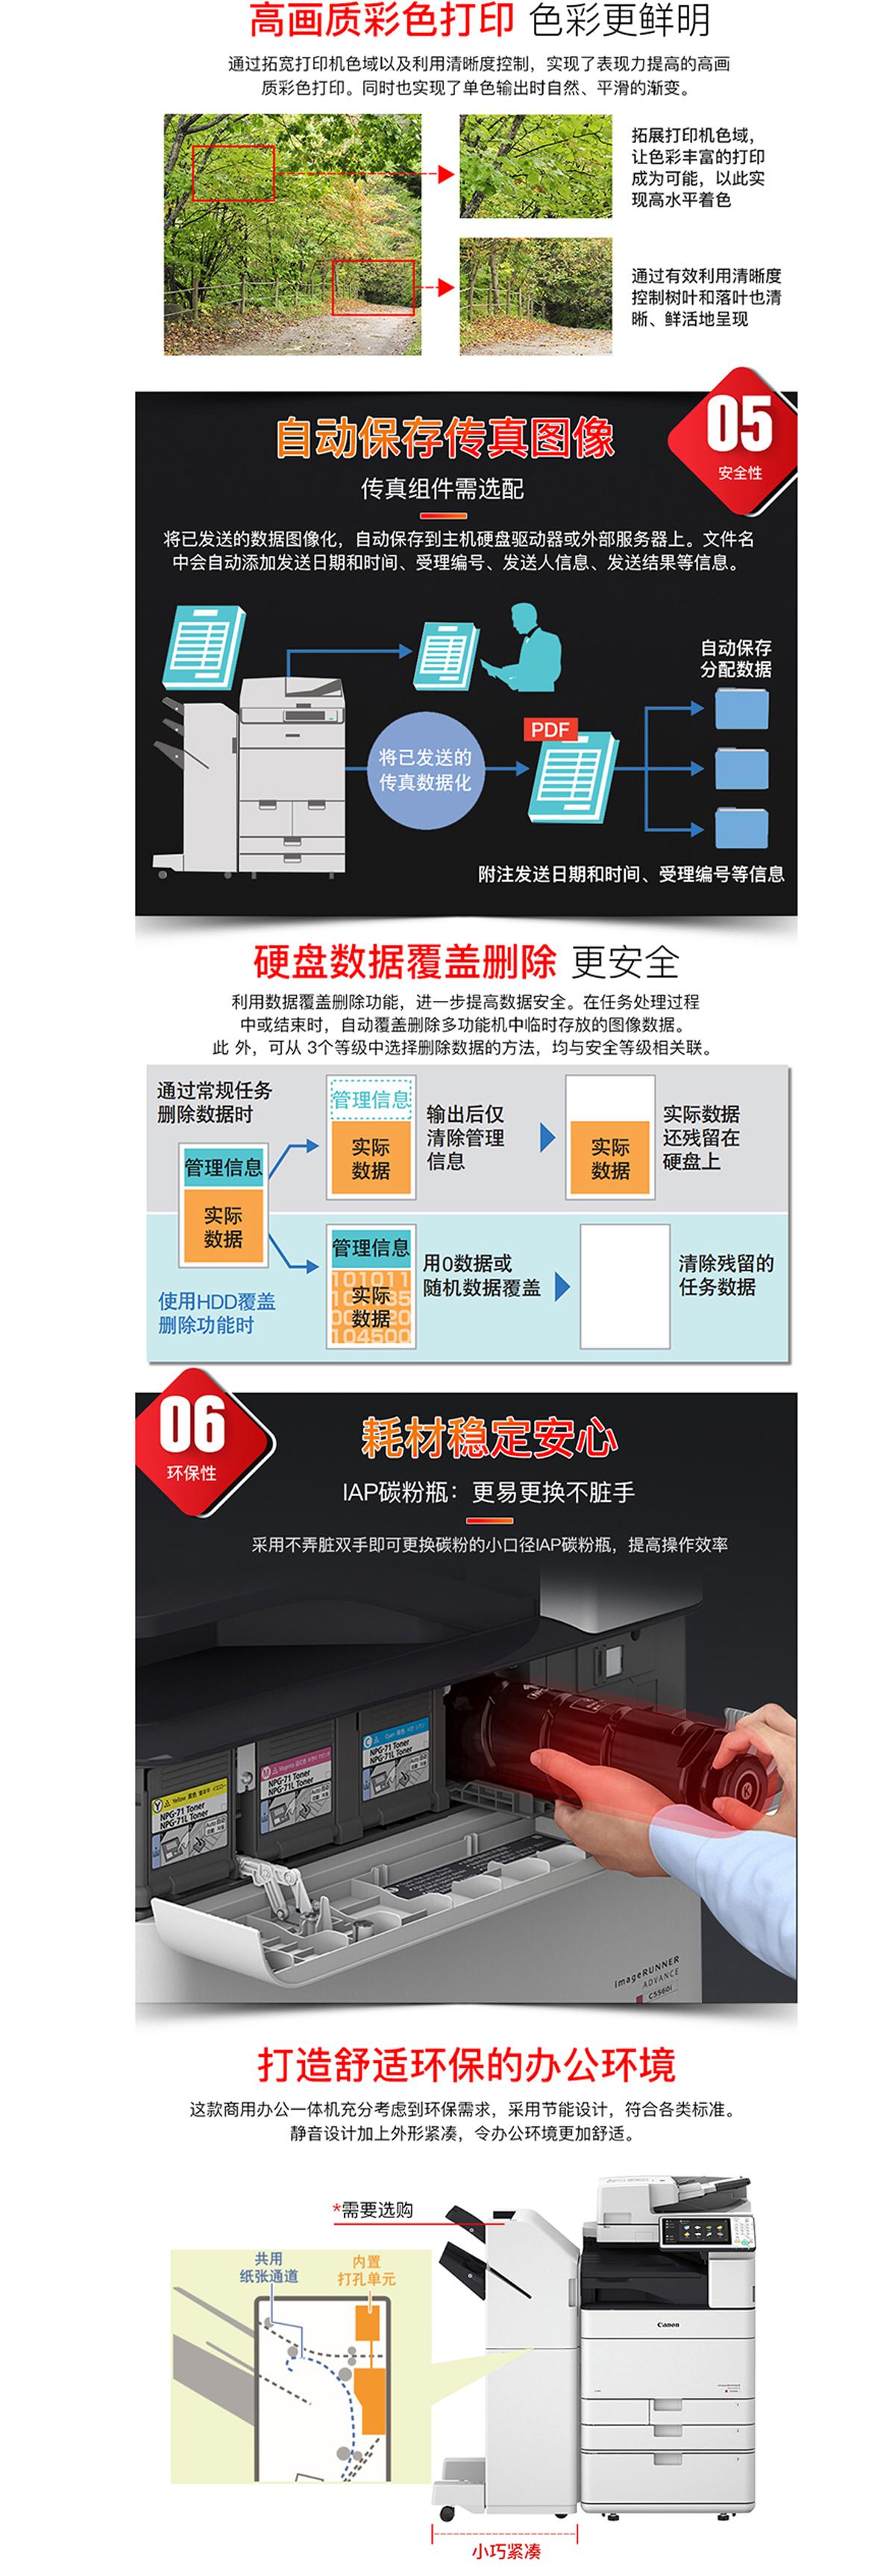 (全新机)IR-ADV C5550 佳能复合机A3A4彩色激光网络打印扫描一体机(打印/复印/网络扫描)(图4)